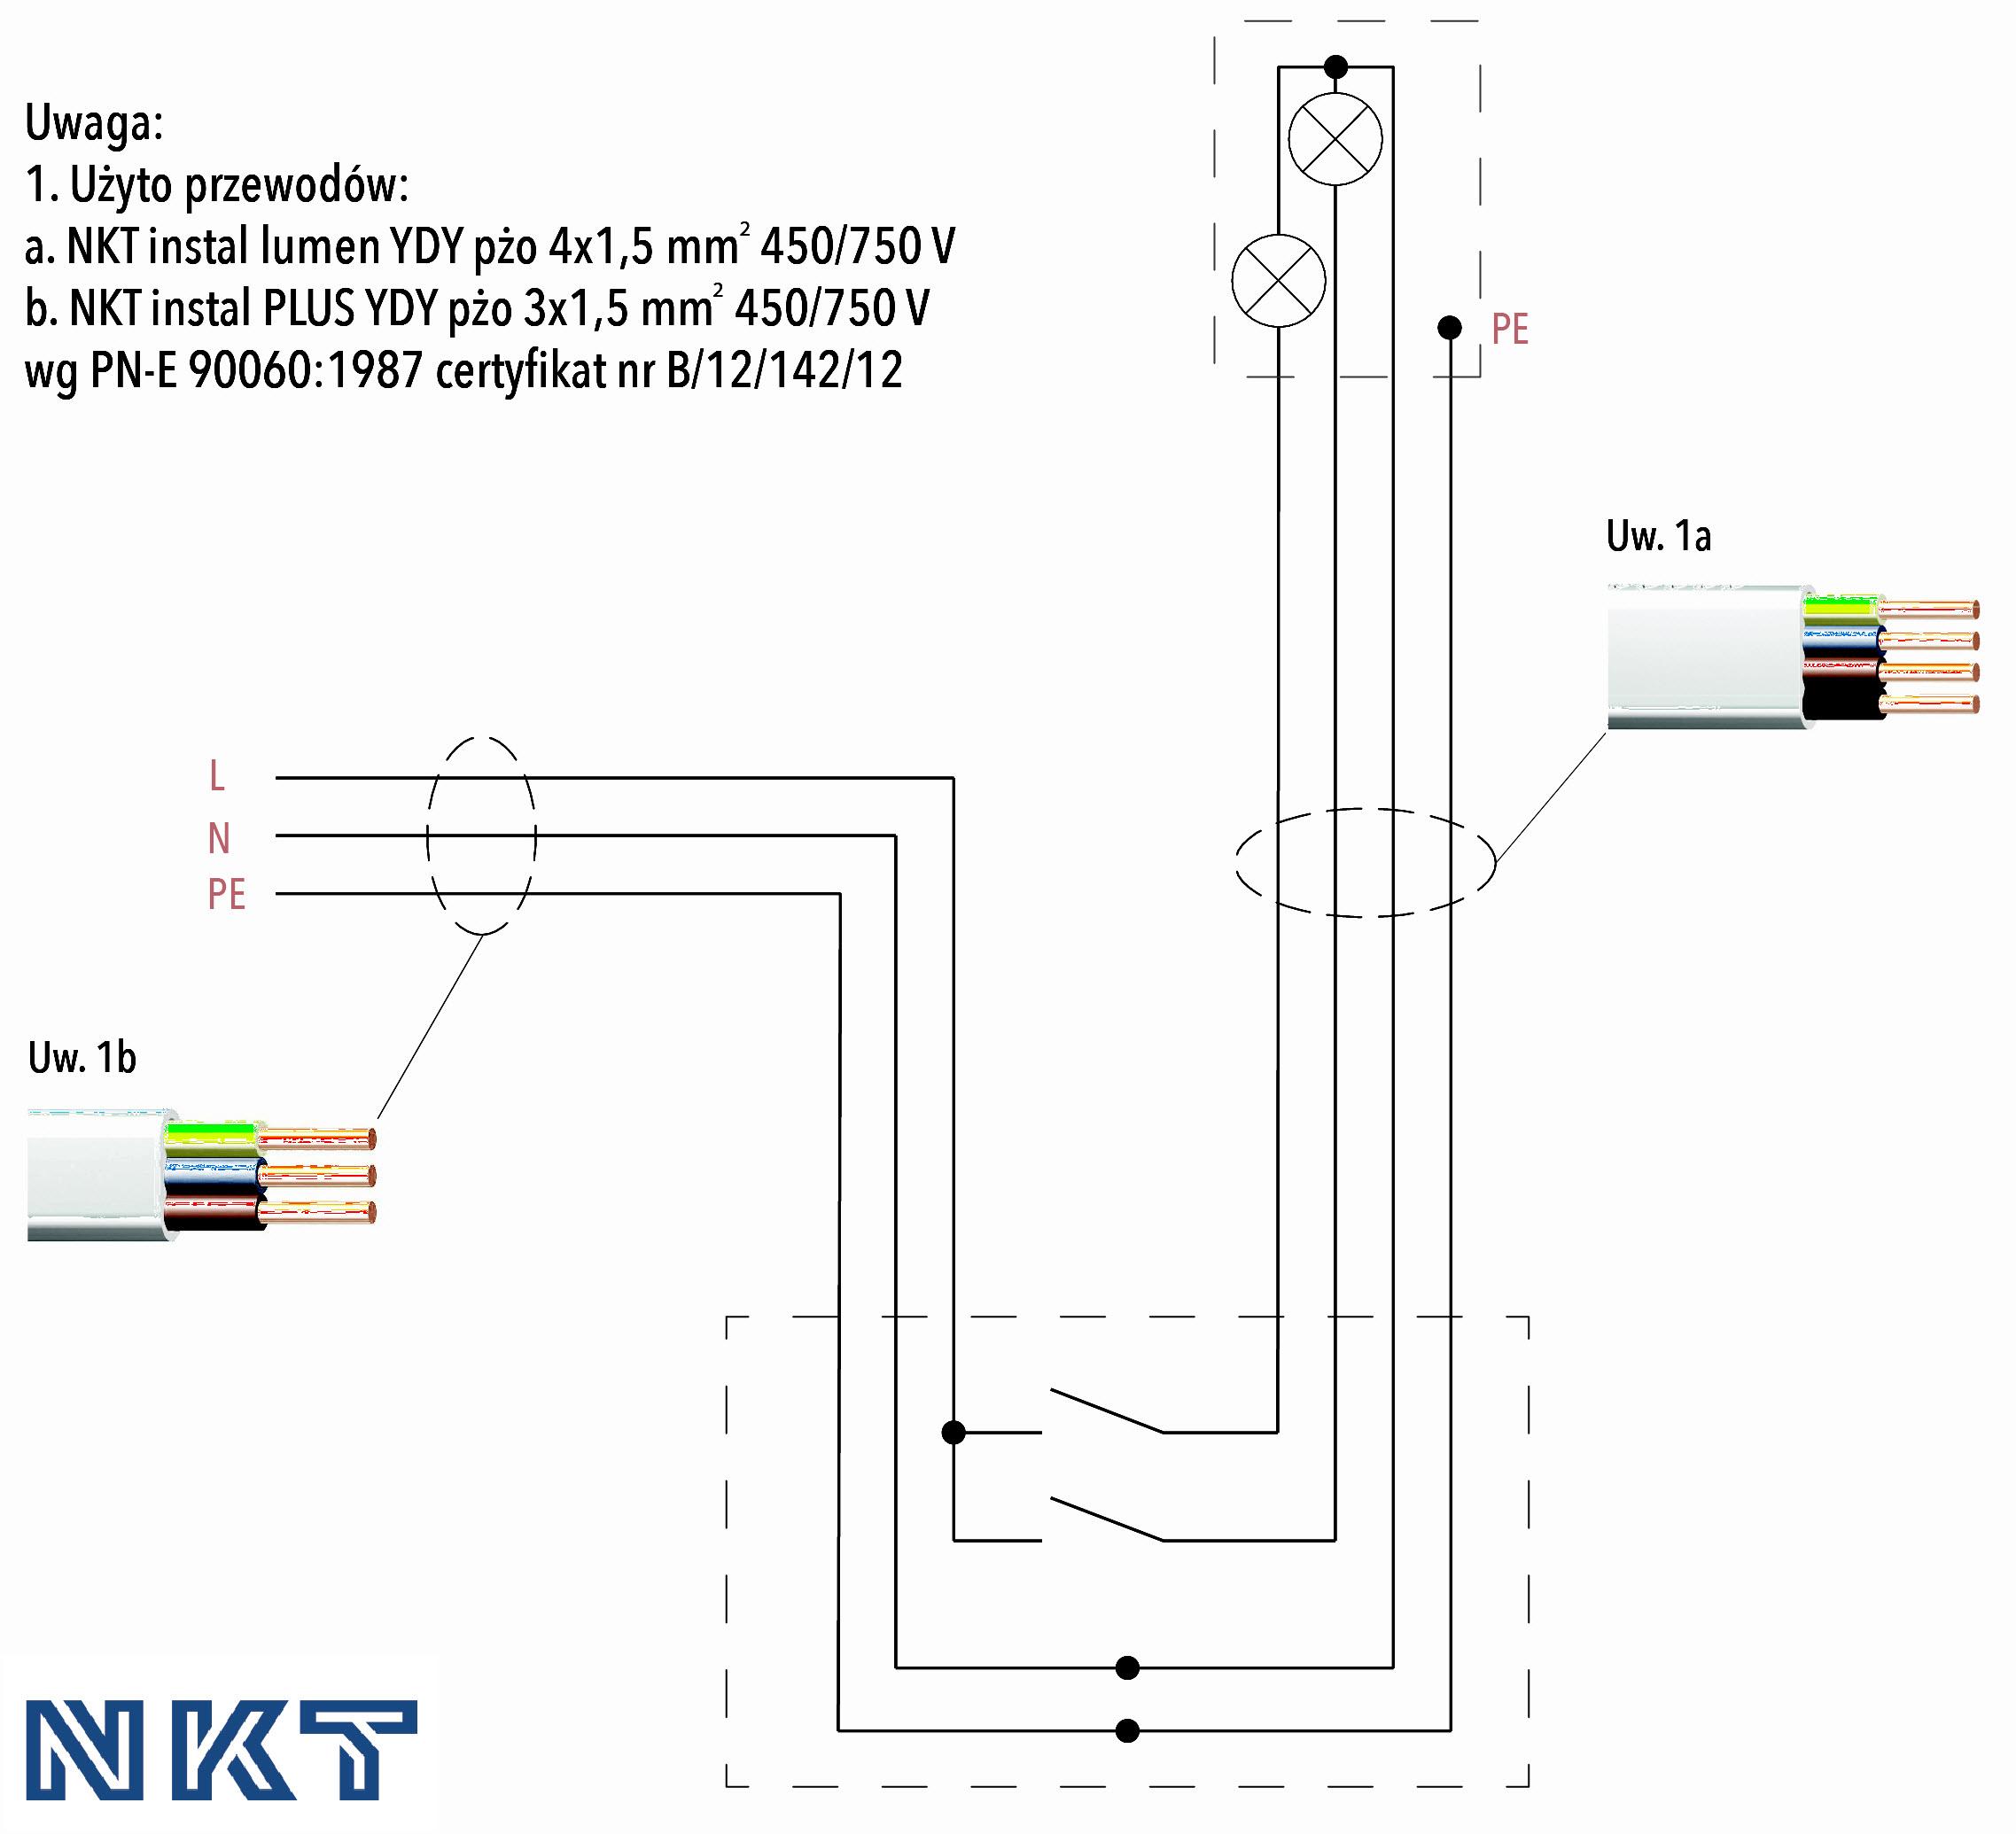 Schemat 2. Schemat połączeń instalacji elektrycznej oświetlenia podstawowego (instalacja bez puszek rozgałęźnych)